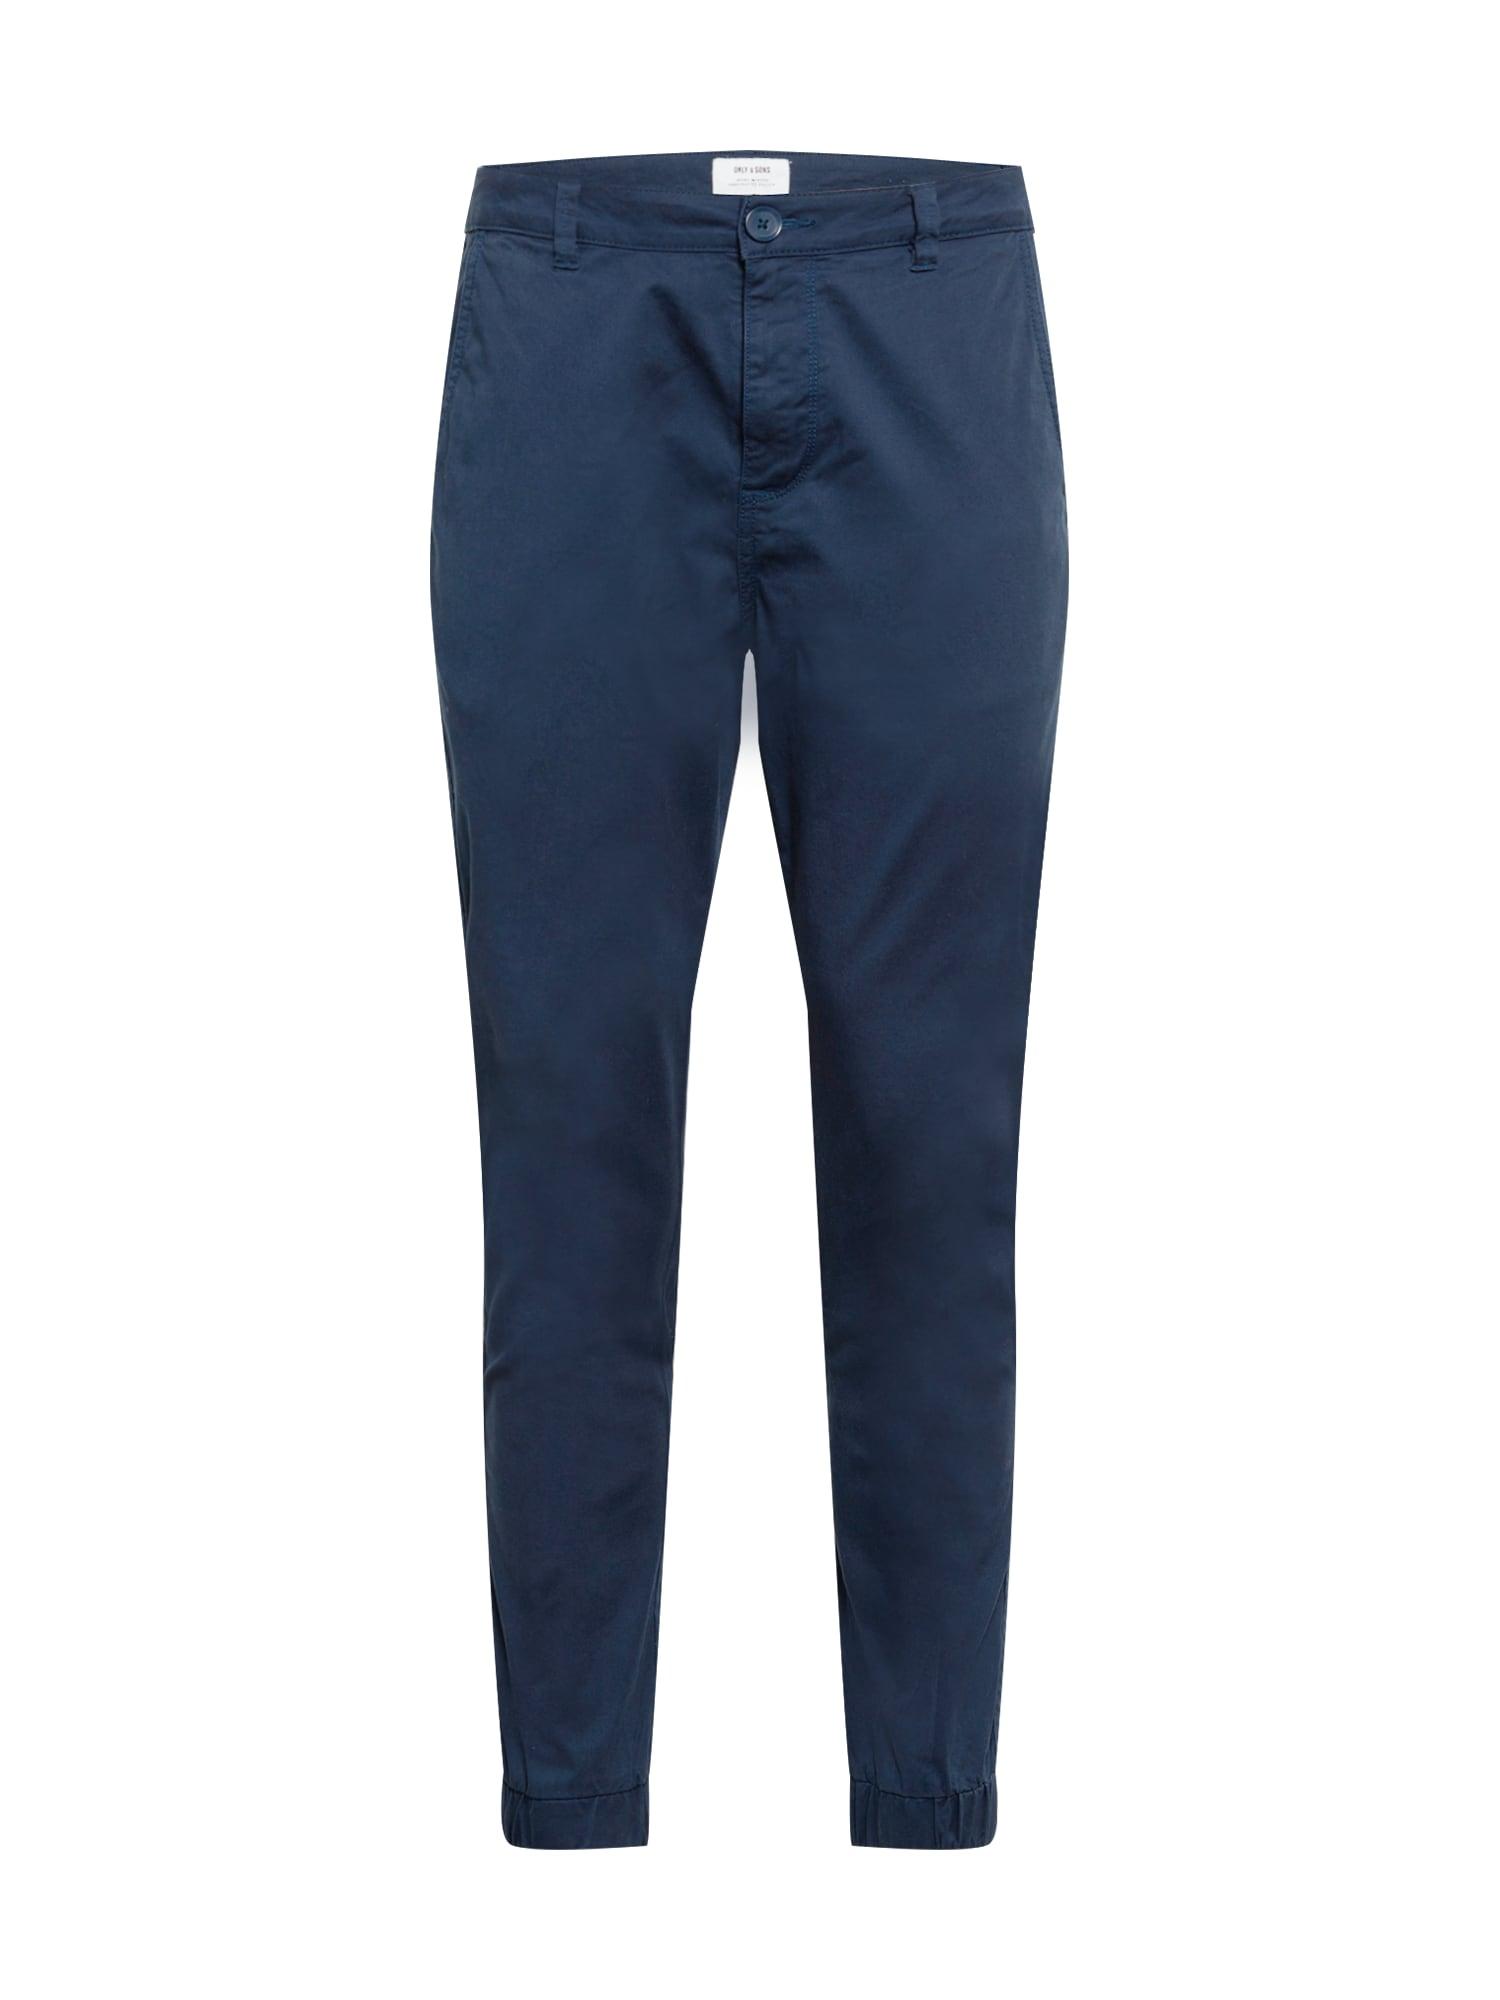 Only & Sons Chino kalhoty 'CAM'  marine modrá